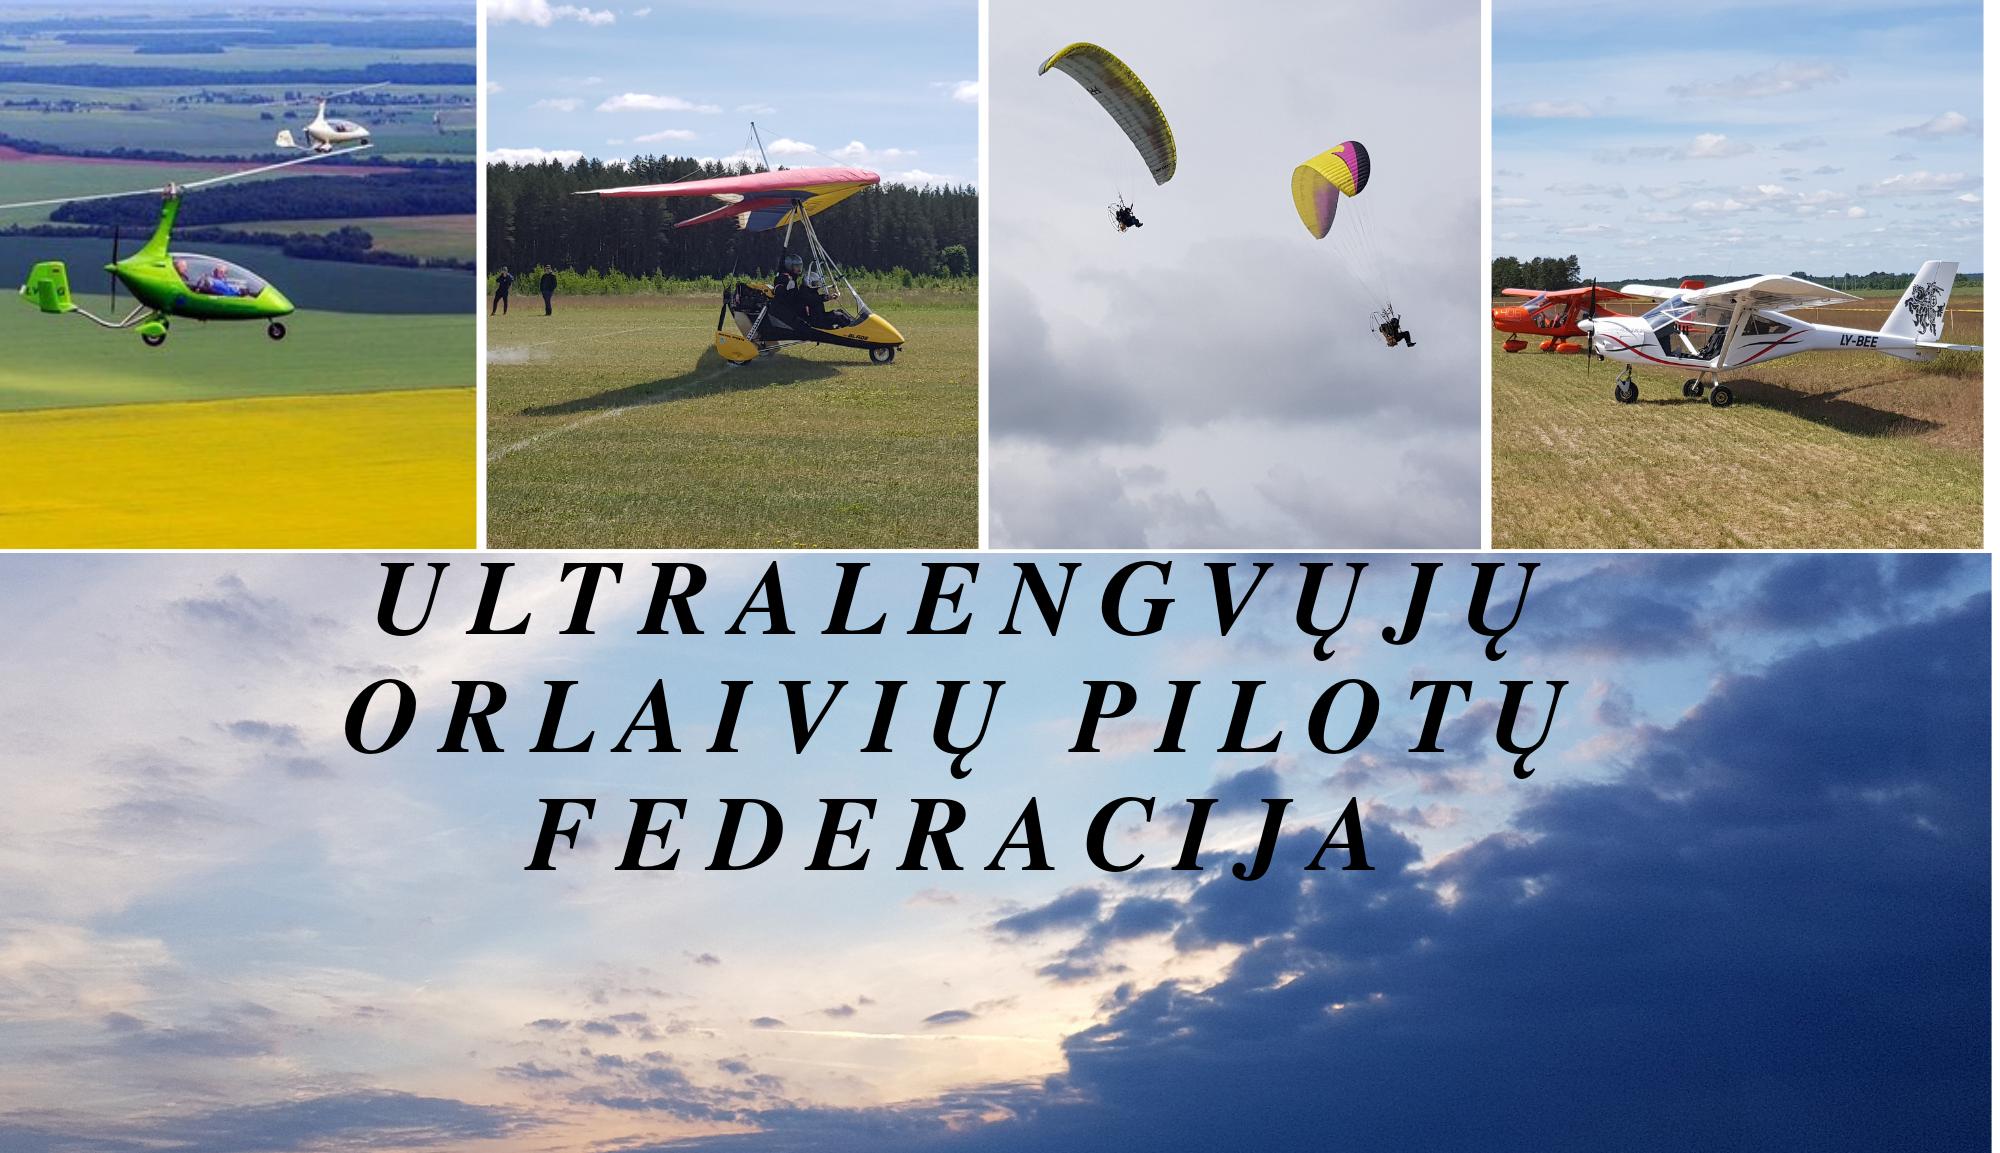 Ultralengvųjų orlaivių pilotų federacija